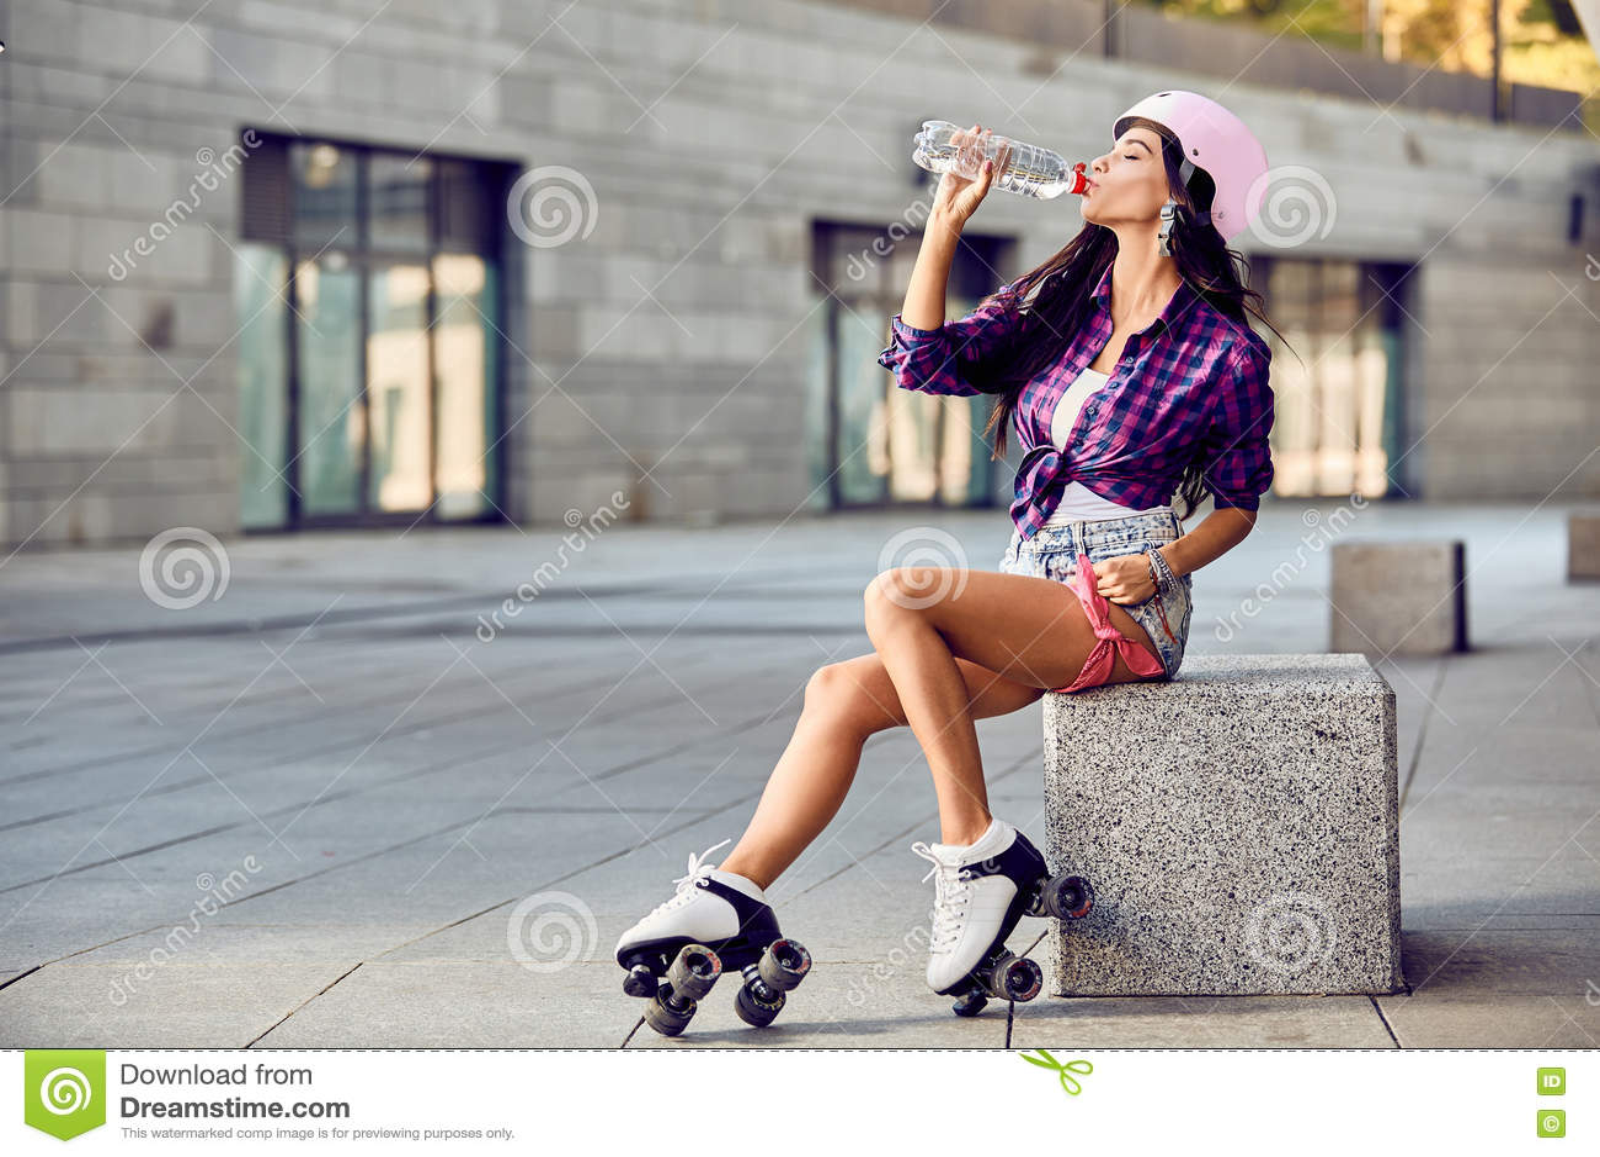 Vatten för Hipsterflickadrink och vila efter aktiv tid